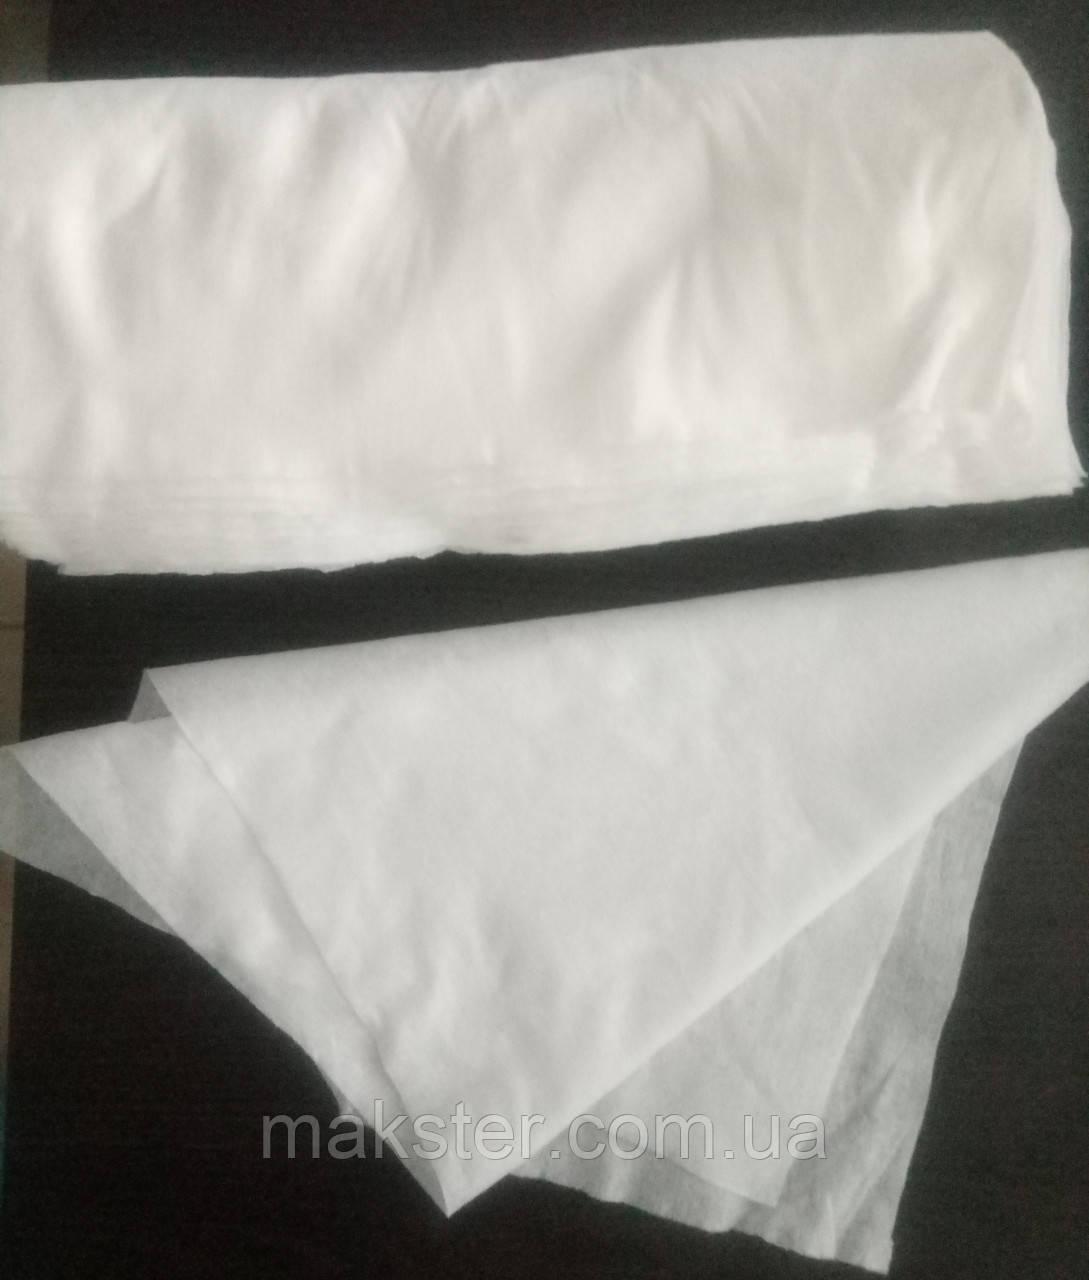 Одноразовое полотенце, 40х70, 100шт.